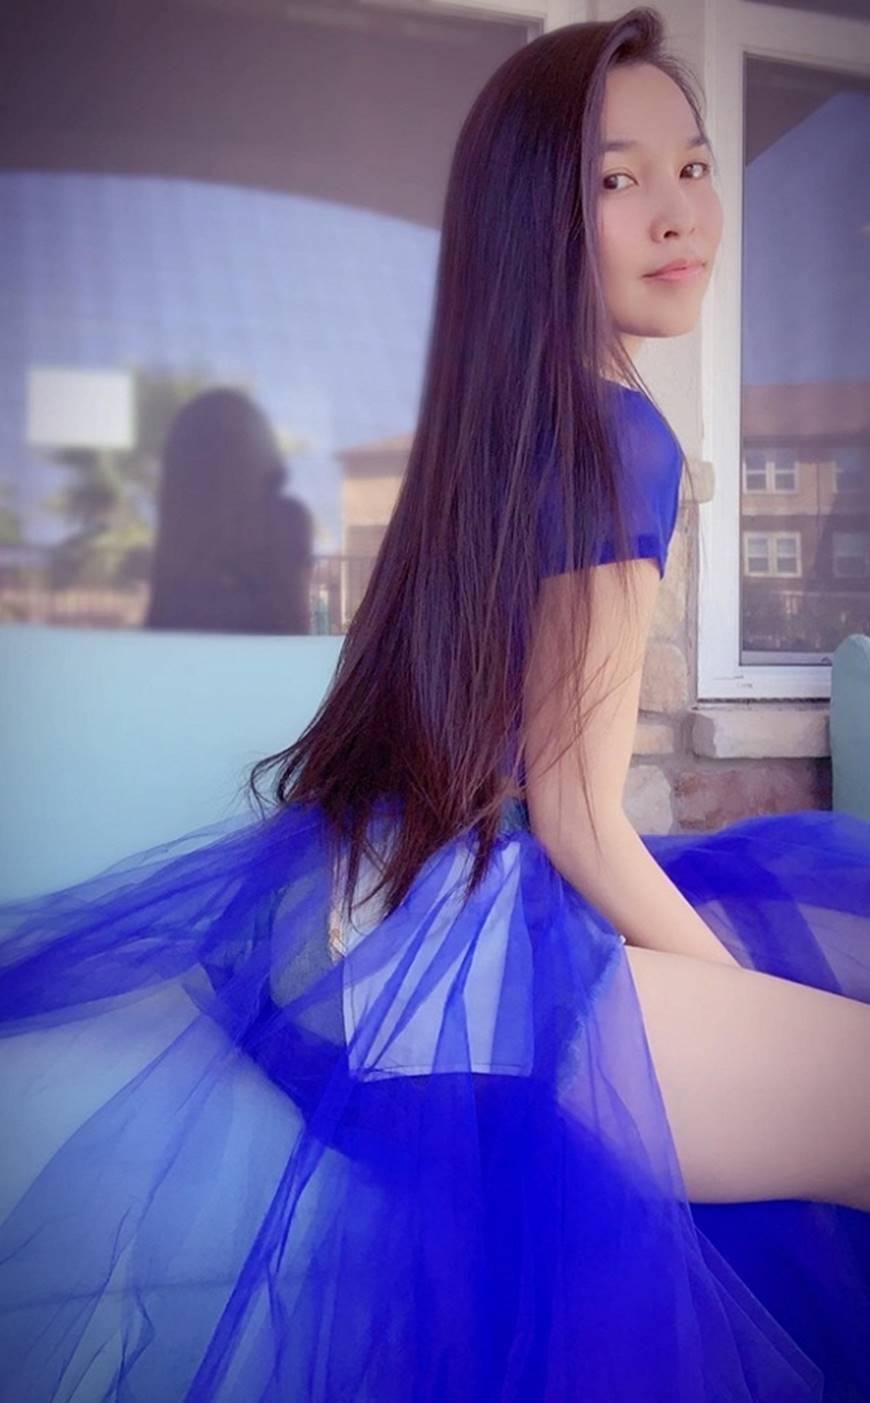 U40 Hiền Thục diện váy xanh điệu đà, khoe đôi chân dài cùng dung mạo trẻ trung hack tuổi-6